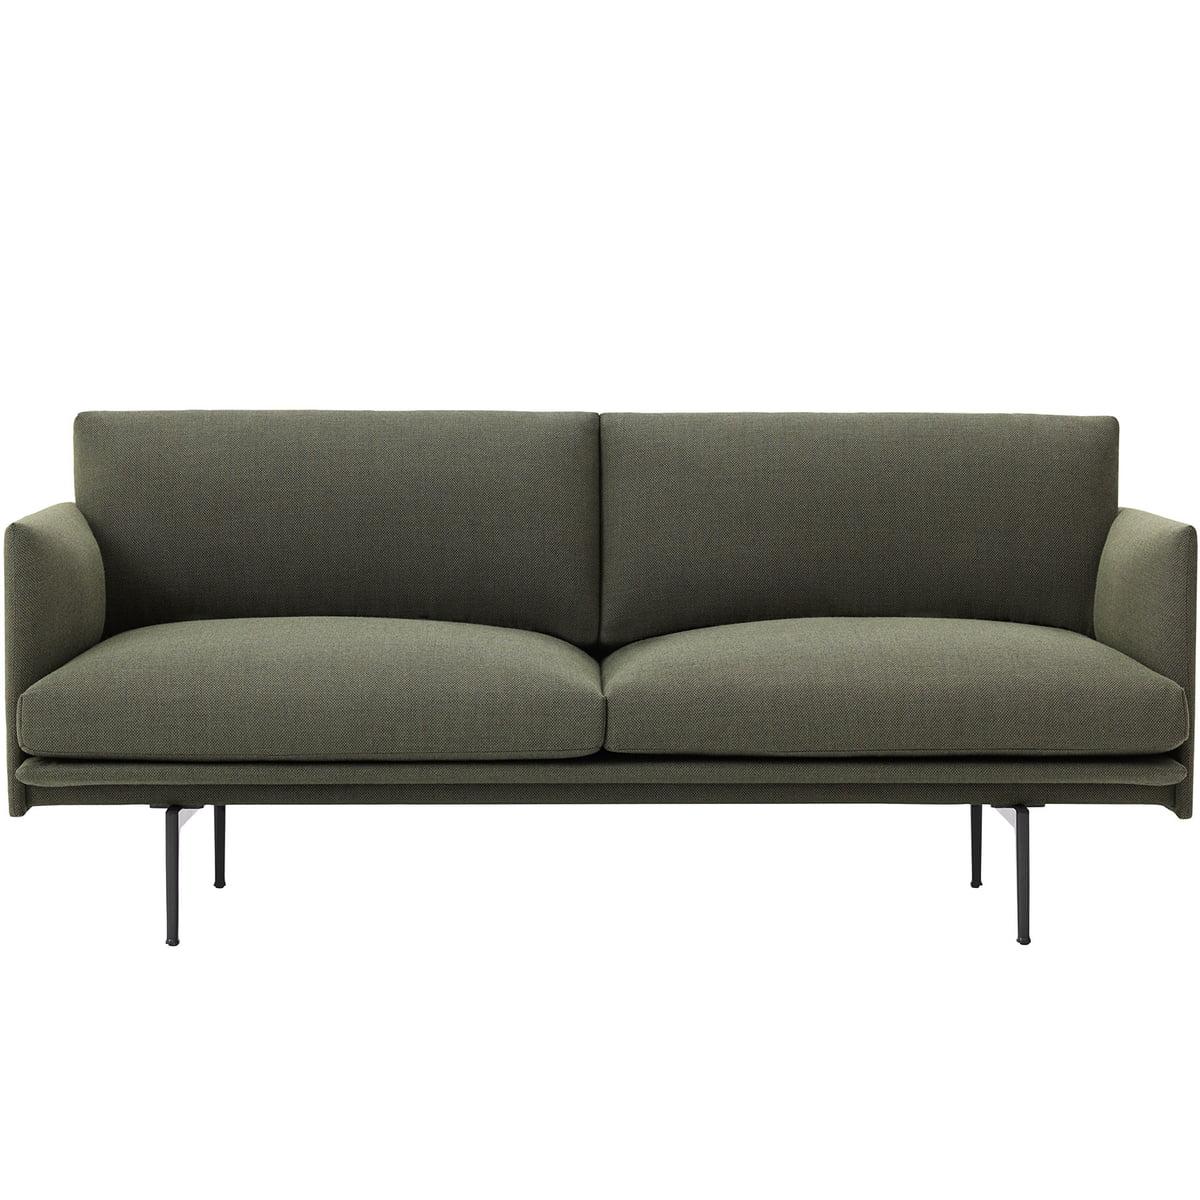 Full Size of Outline Sofa 2 Sitzer Von Muuto Connoshop U Form Xxl Tom Tailor Schillig Rattan überwurf 3er Grau Kleines Wohnzimmer Kunstleder Flexform Impressionen Antik Sofa Sofa Grün